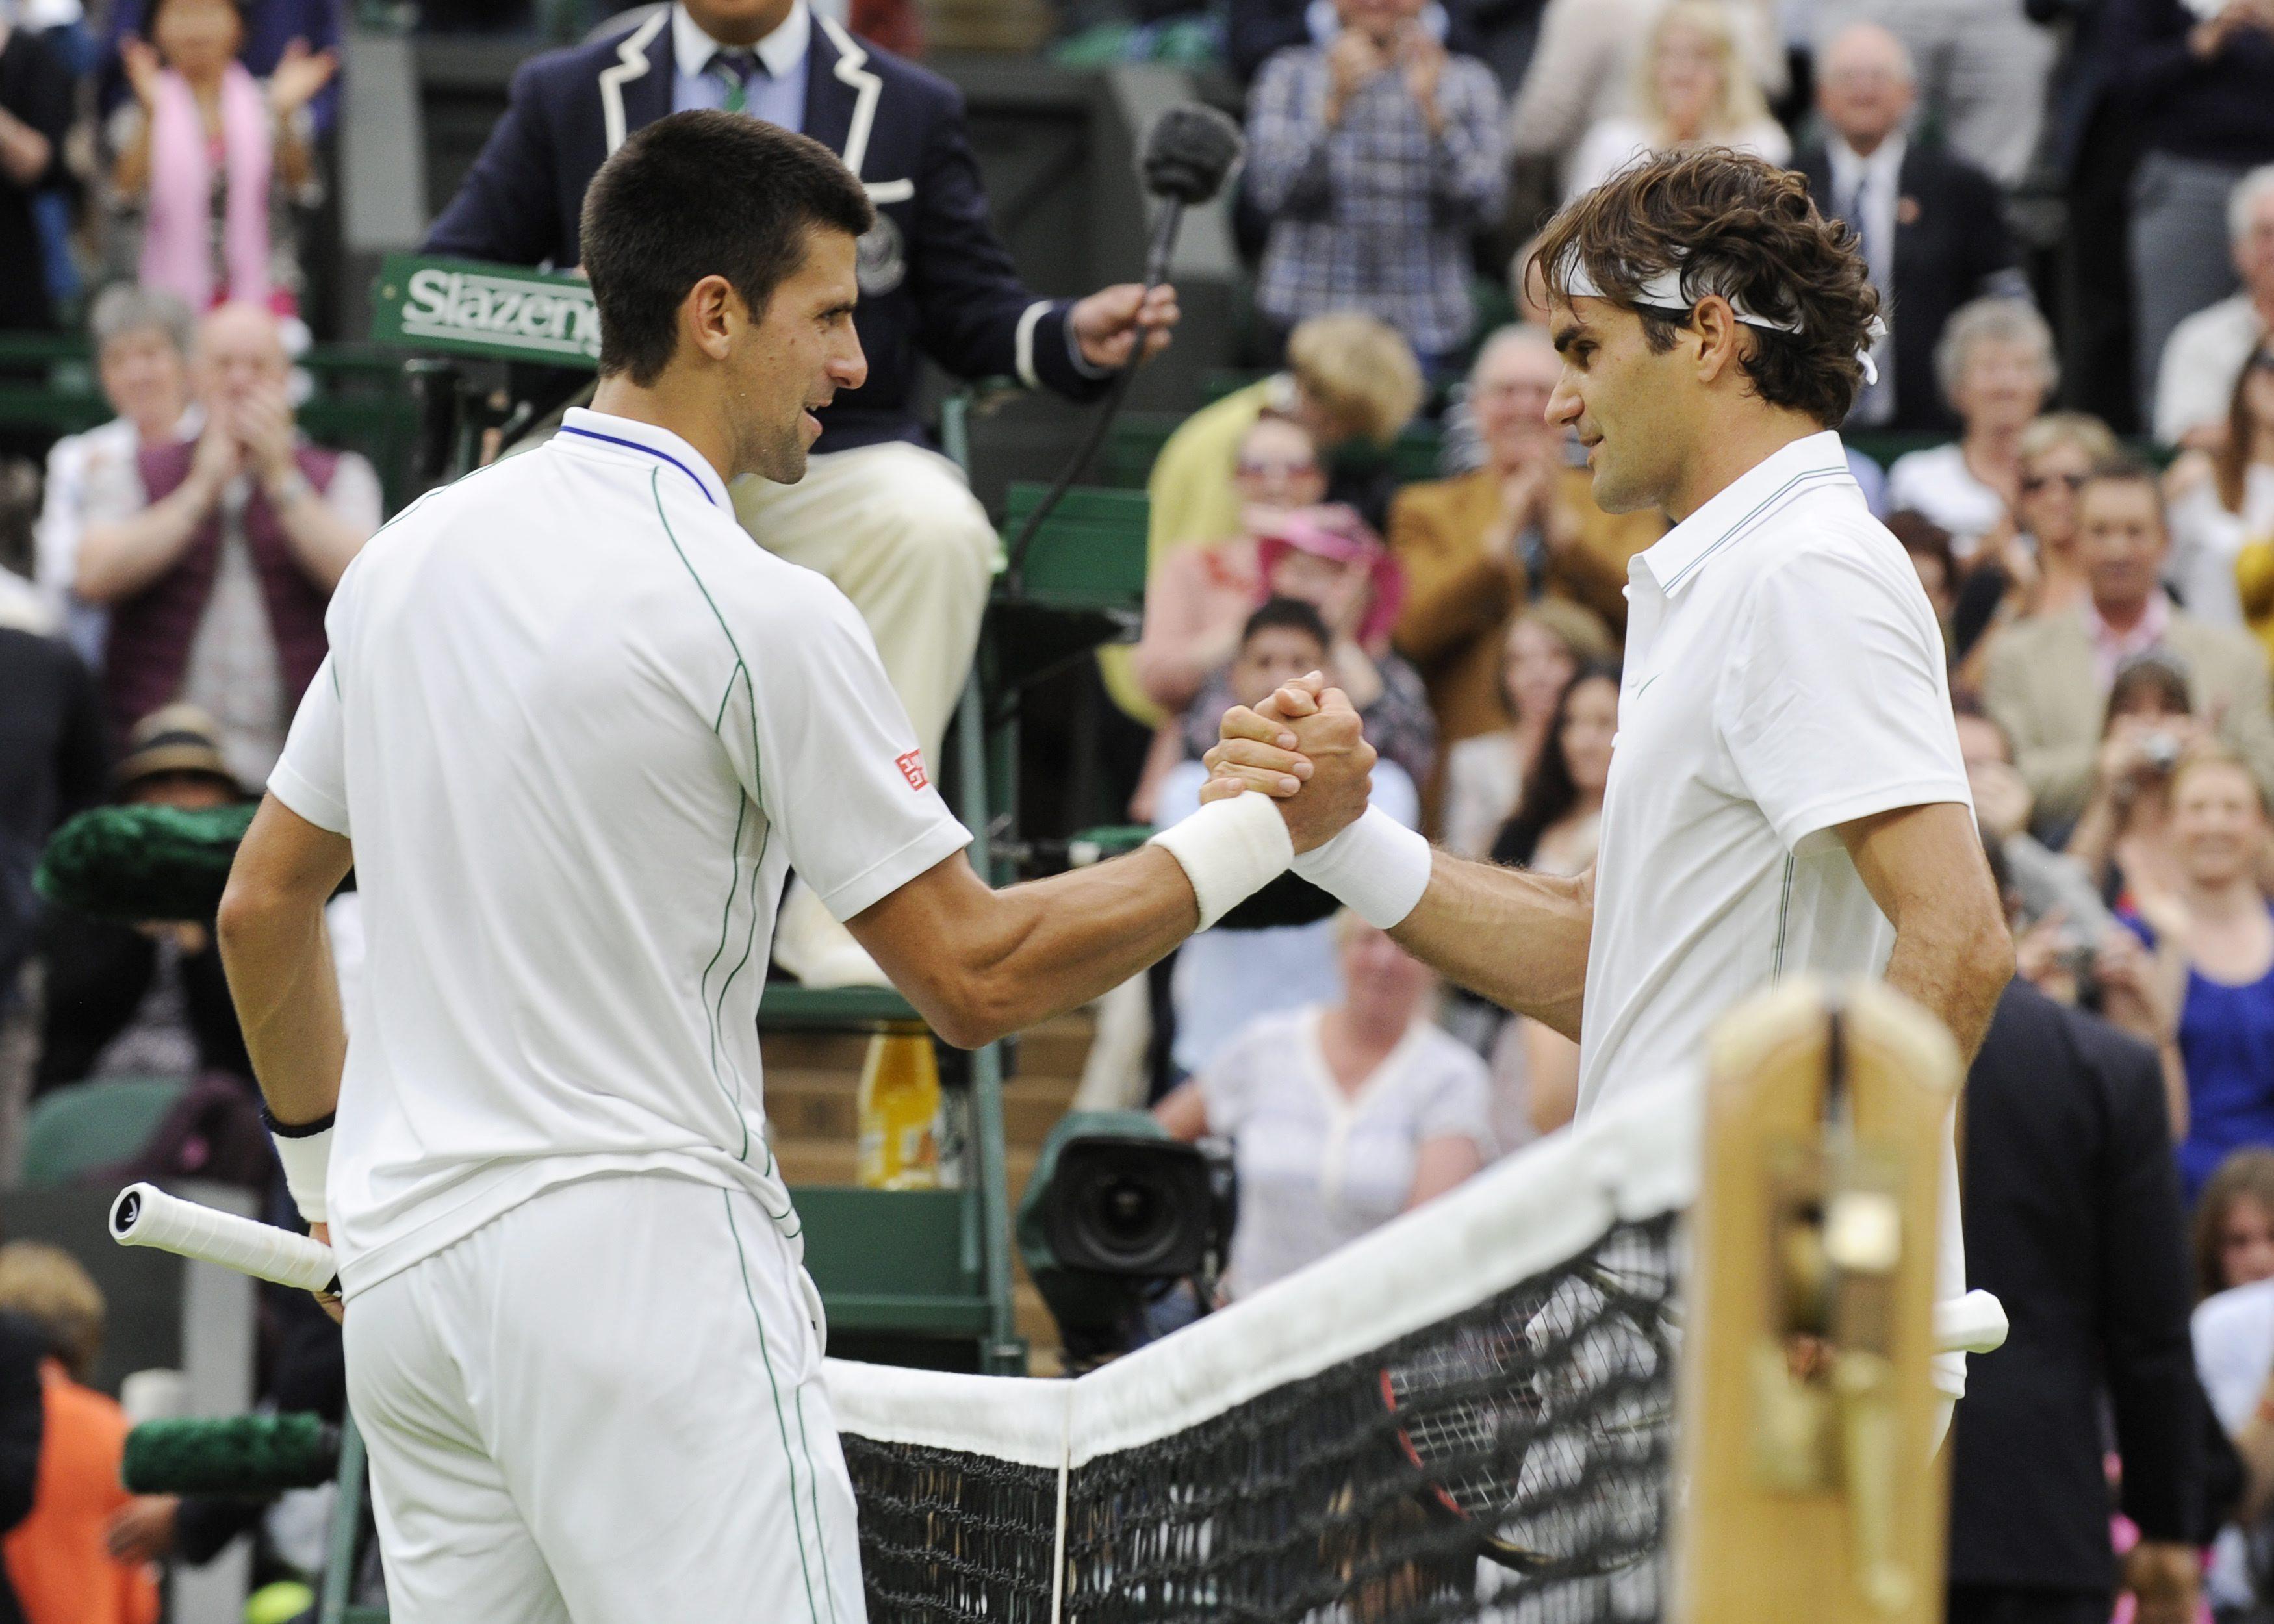 Federer (d) y Djokovic (i), del equipo Europa, se enfrentarán contra el estadounidense Jack Sock y el surafricano Kevin Anderson (Mundo), durante el  plato fuerte de la Laver Cup, en la cancha habitual de los Chicago Bulls. EFE/Archivo